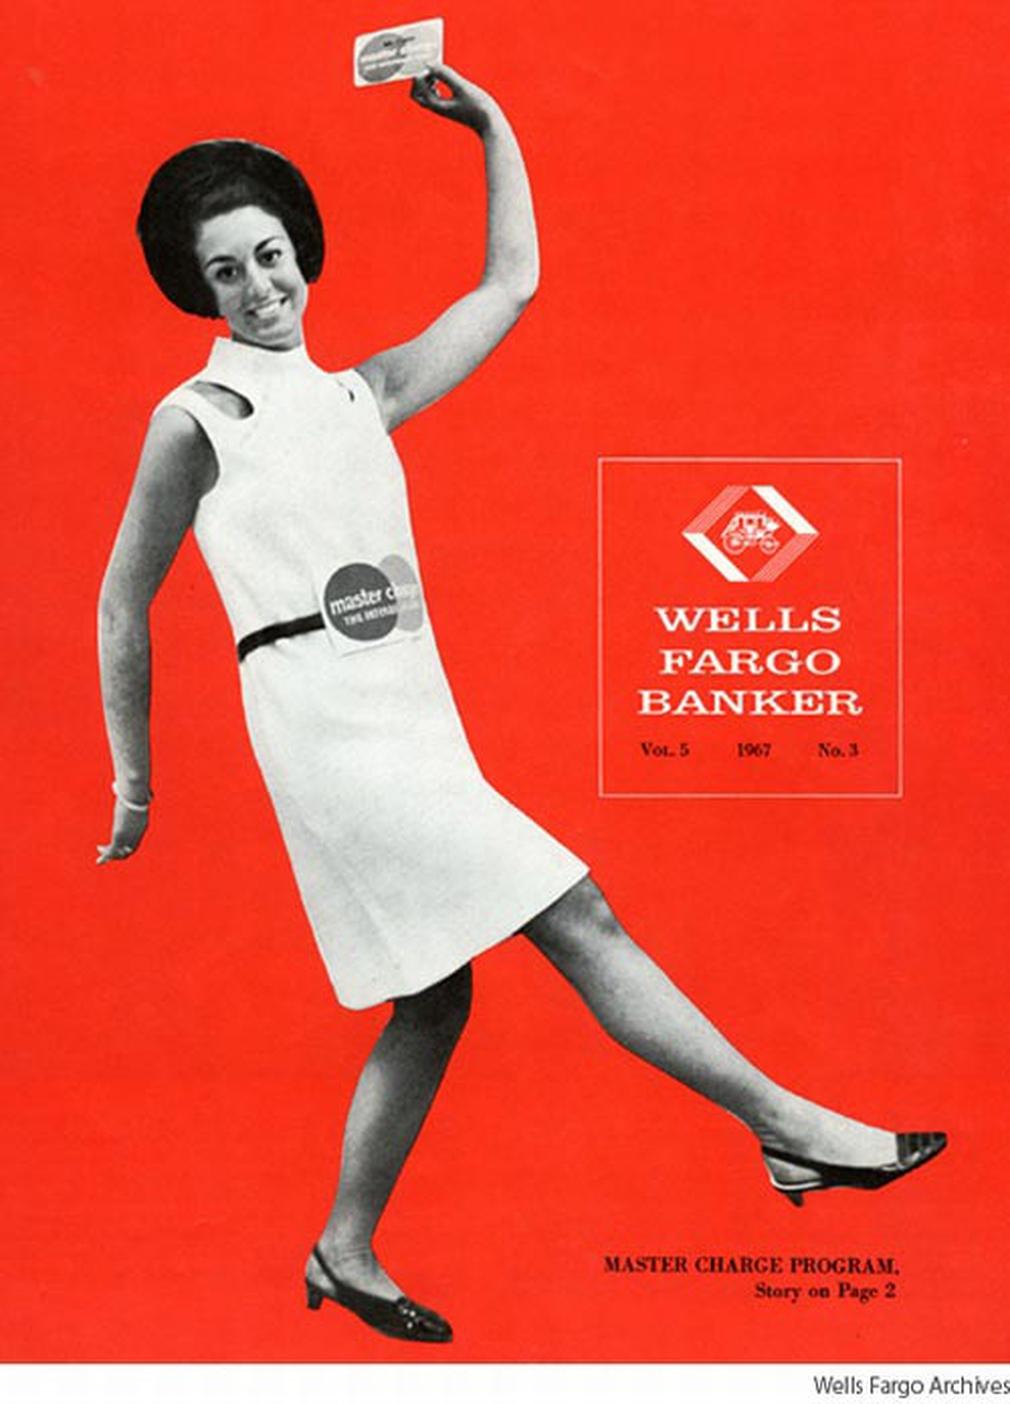 Wells Fargo Banker Master Charge 1967 vintage ad